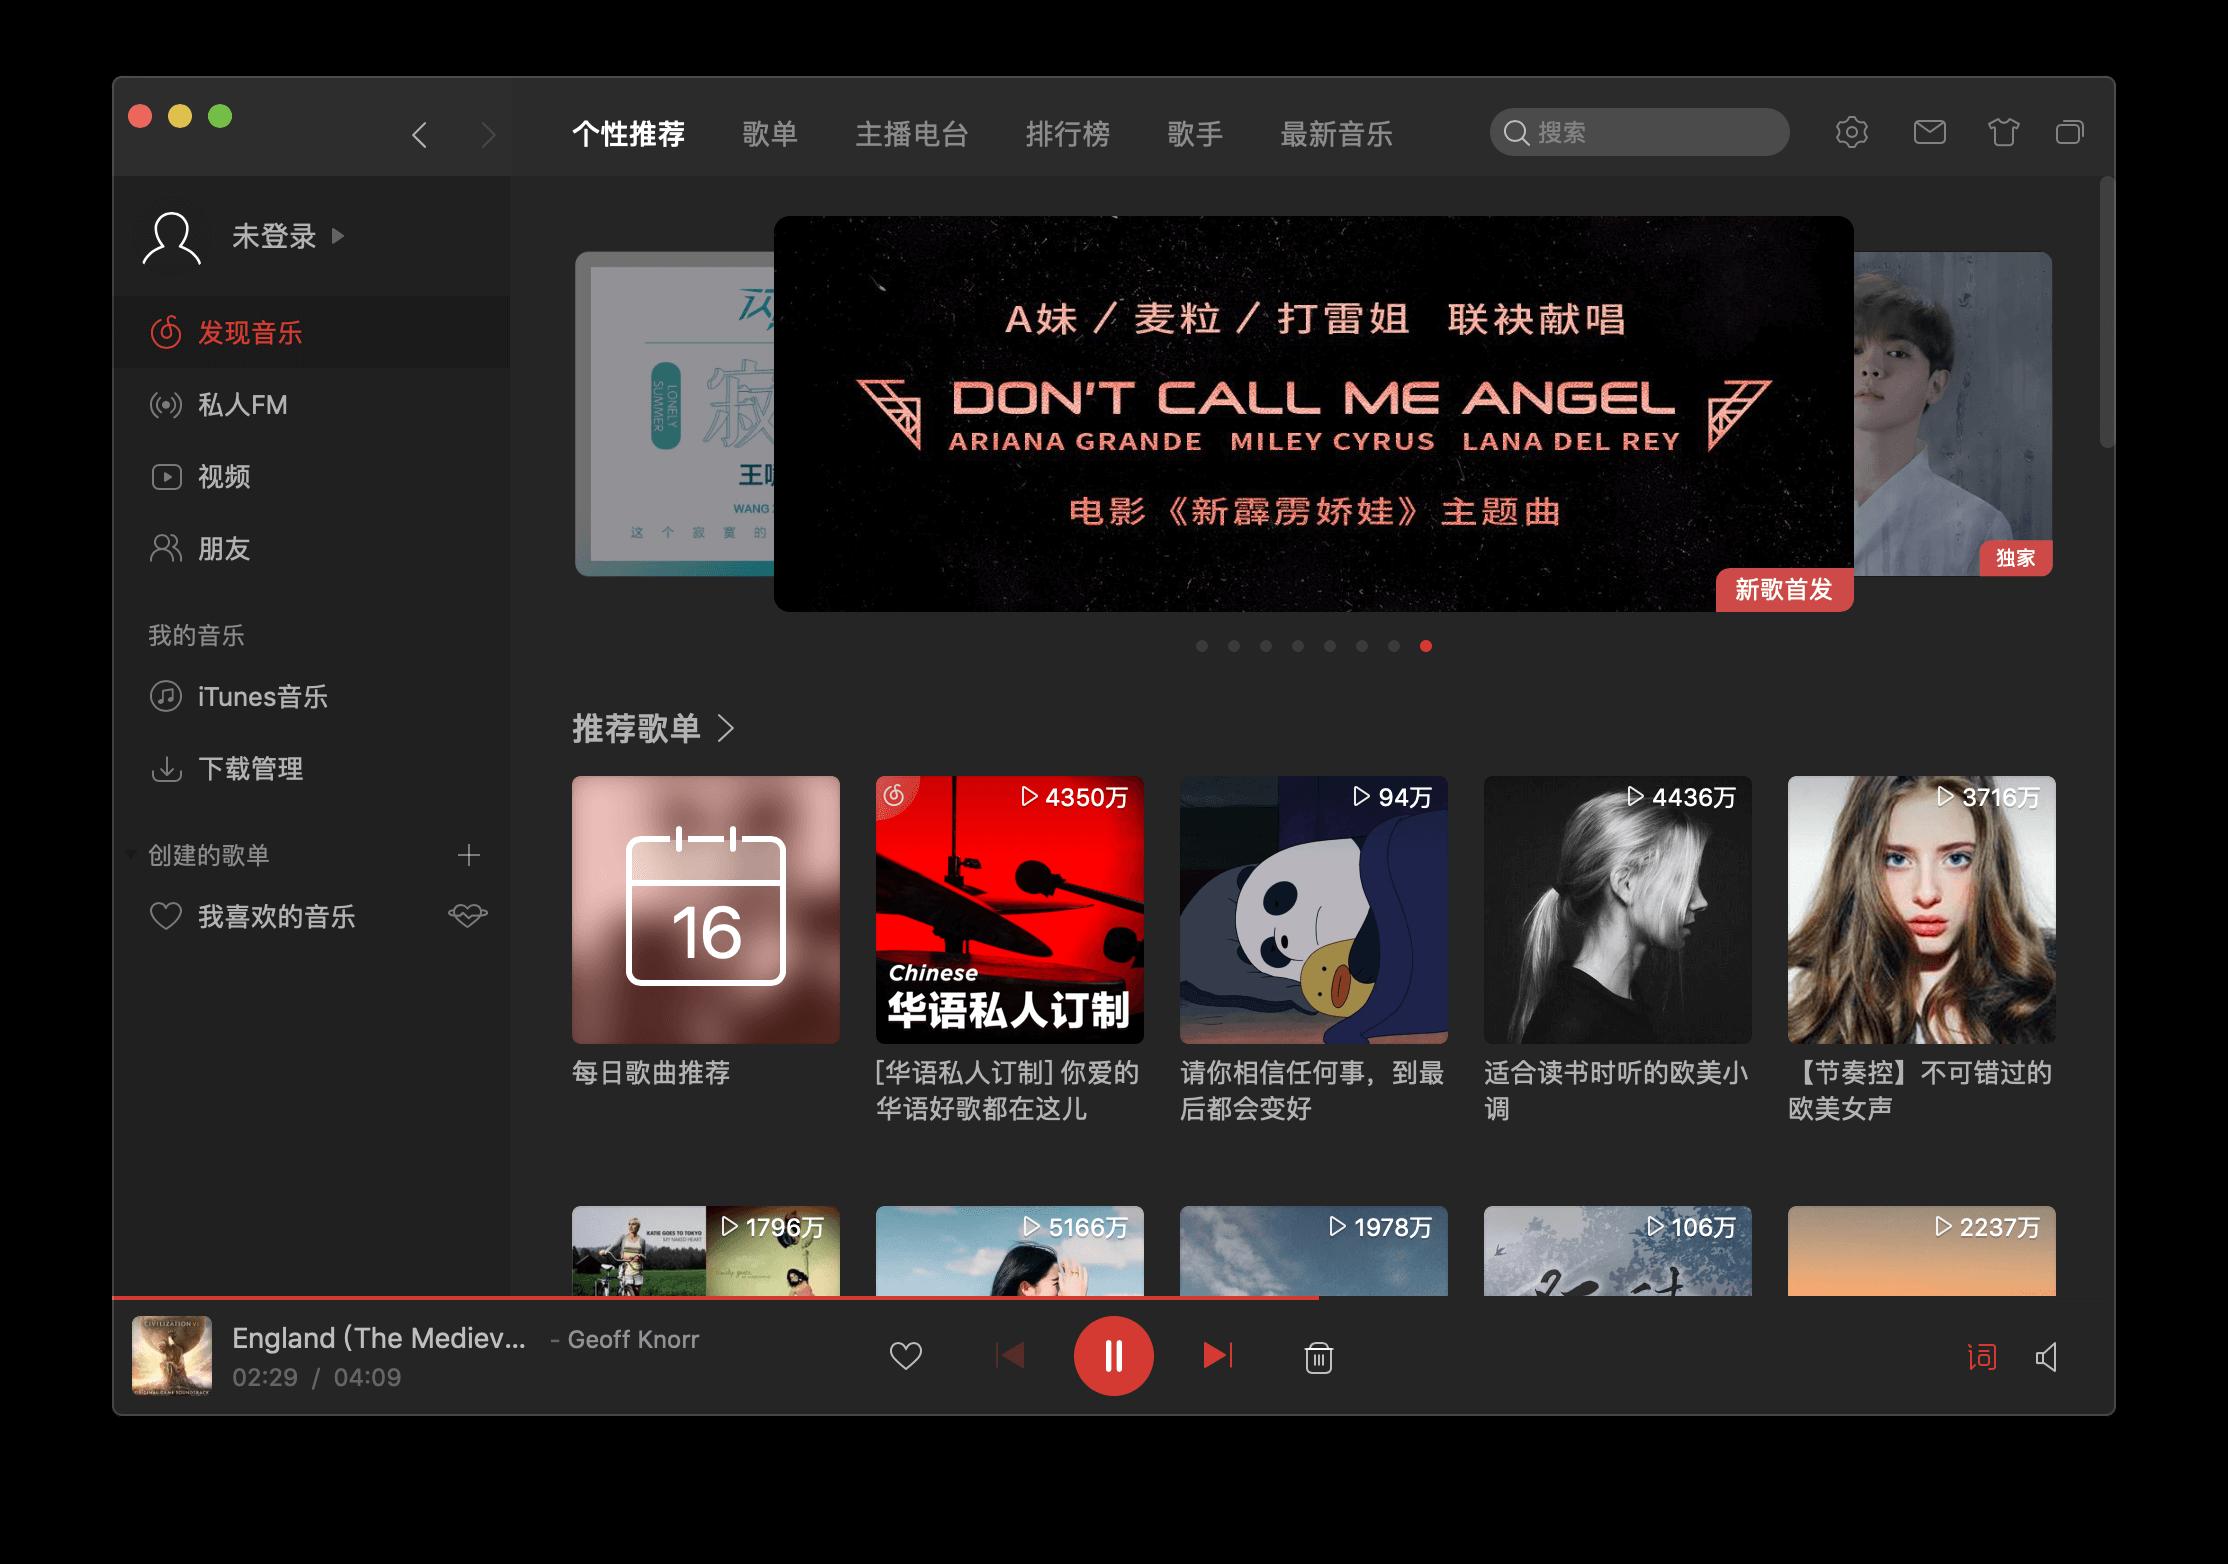 网易云音乐 for mac 2.3.4中文版